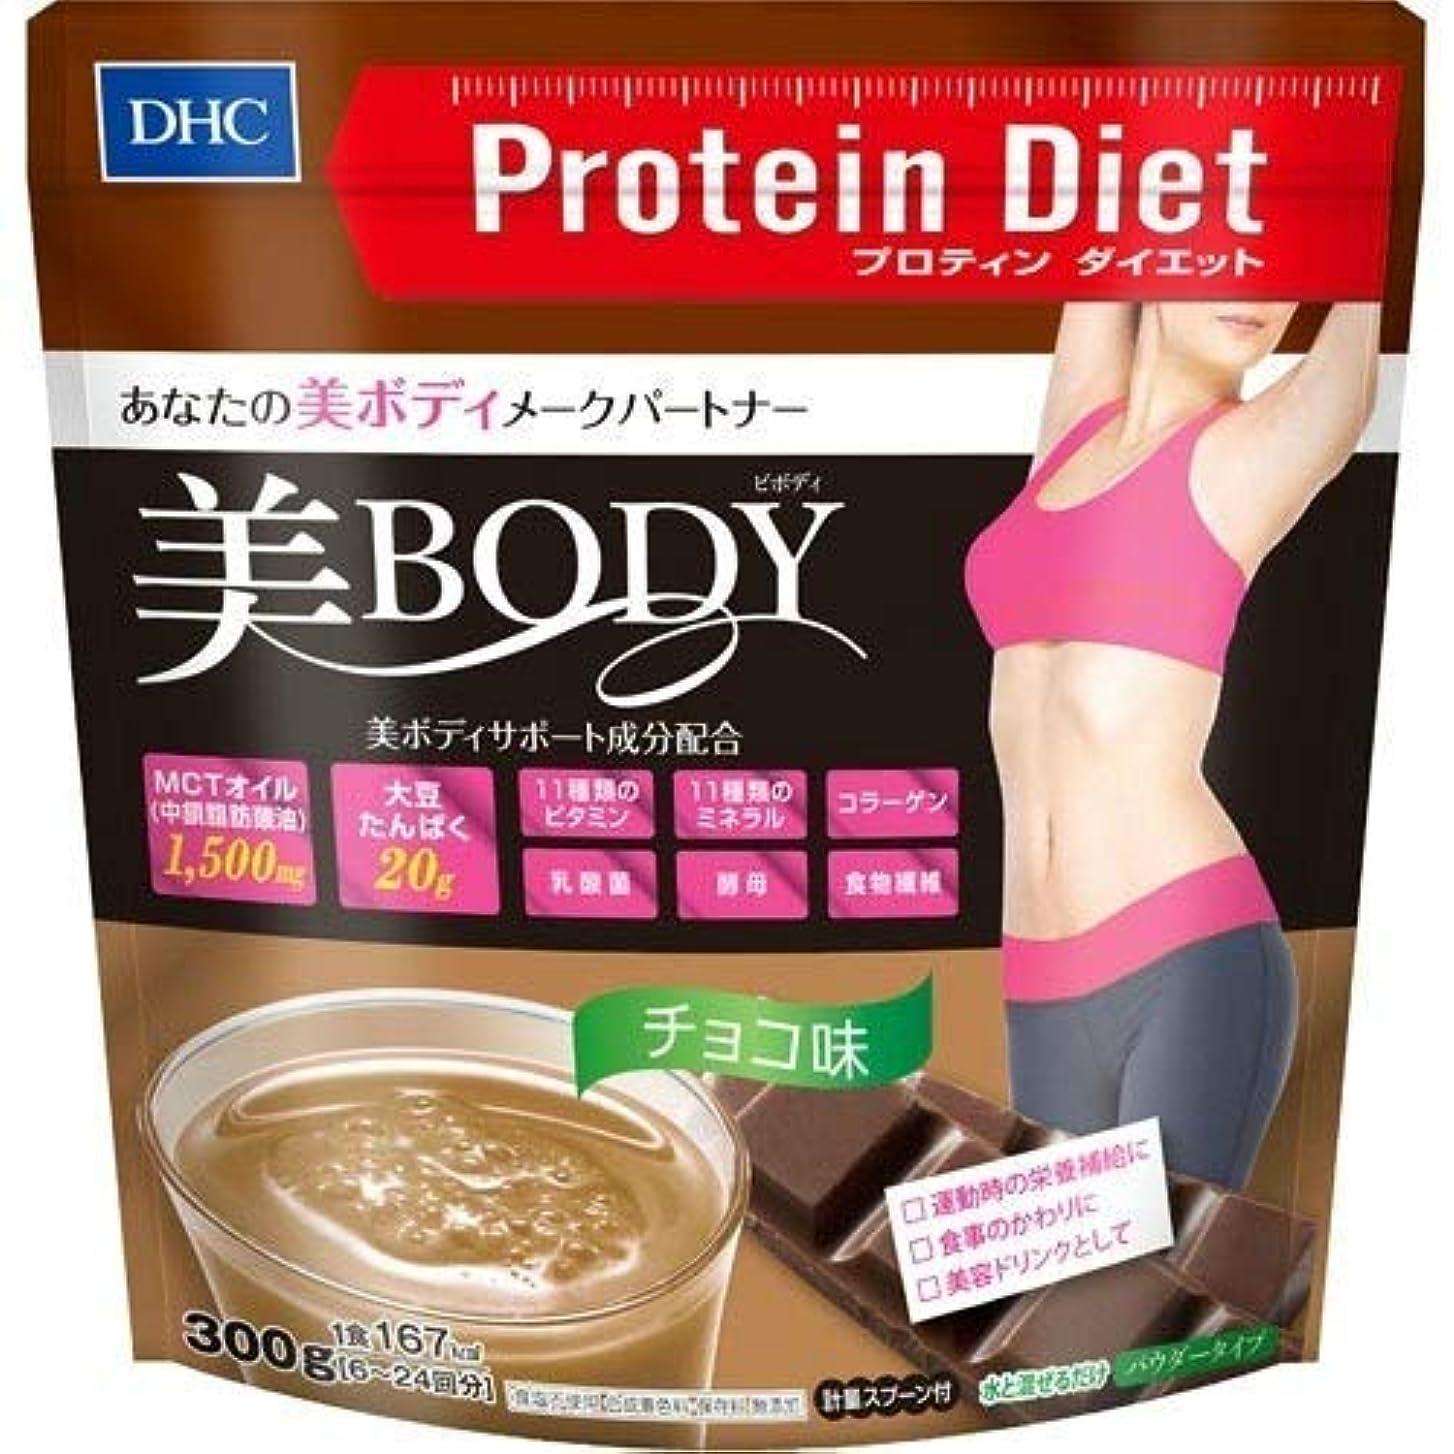 ブラウズ期待アライアンスDHC プロテインダイエット 美Body チョコ味 300g × 24個セット